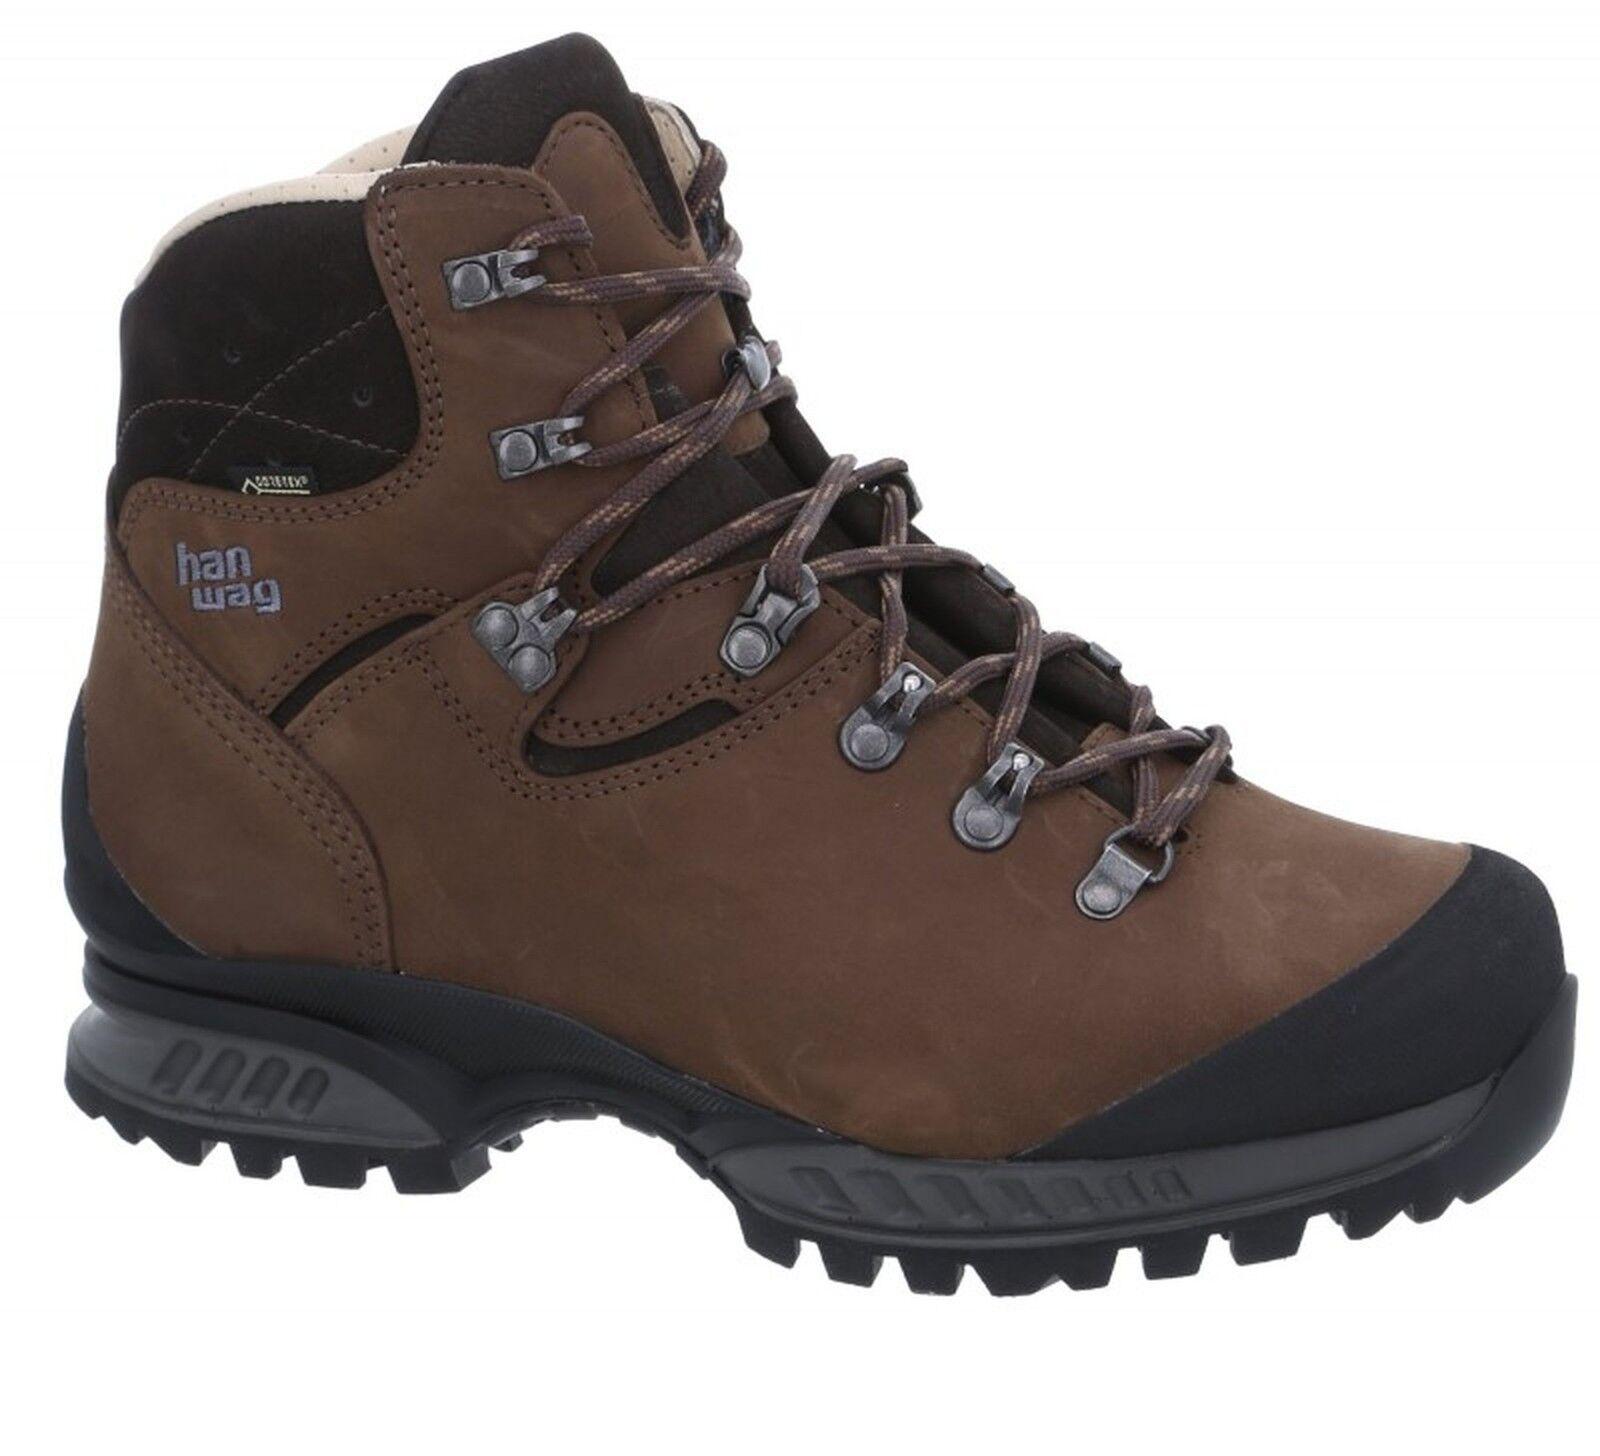 Hanwag montaña zapatos Tatra II GTX tamaño 9-tierra 43